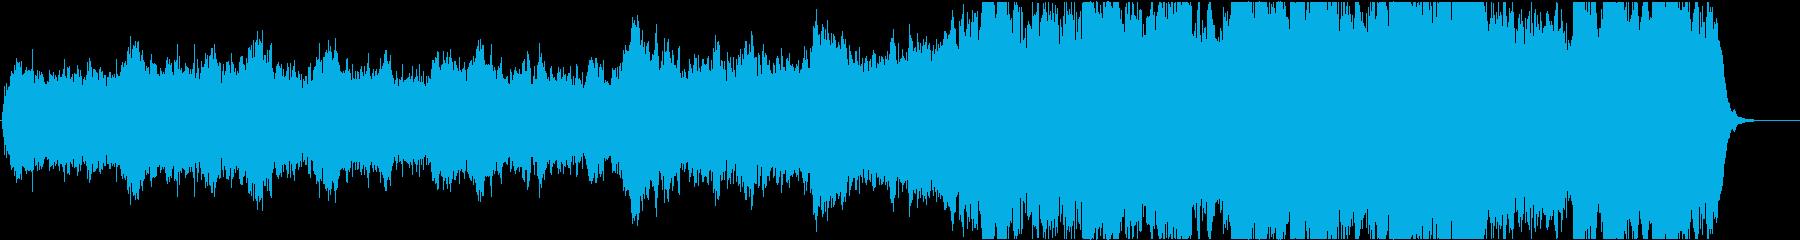 ドラマ3 16bit44.1kHzVerの再生済みの波形